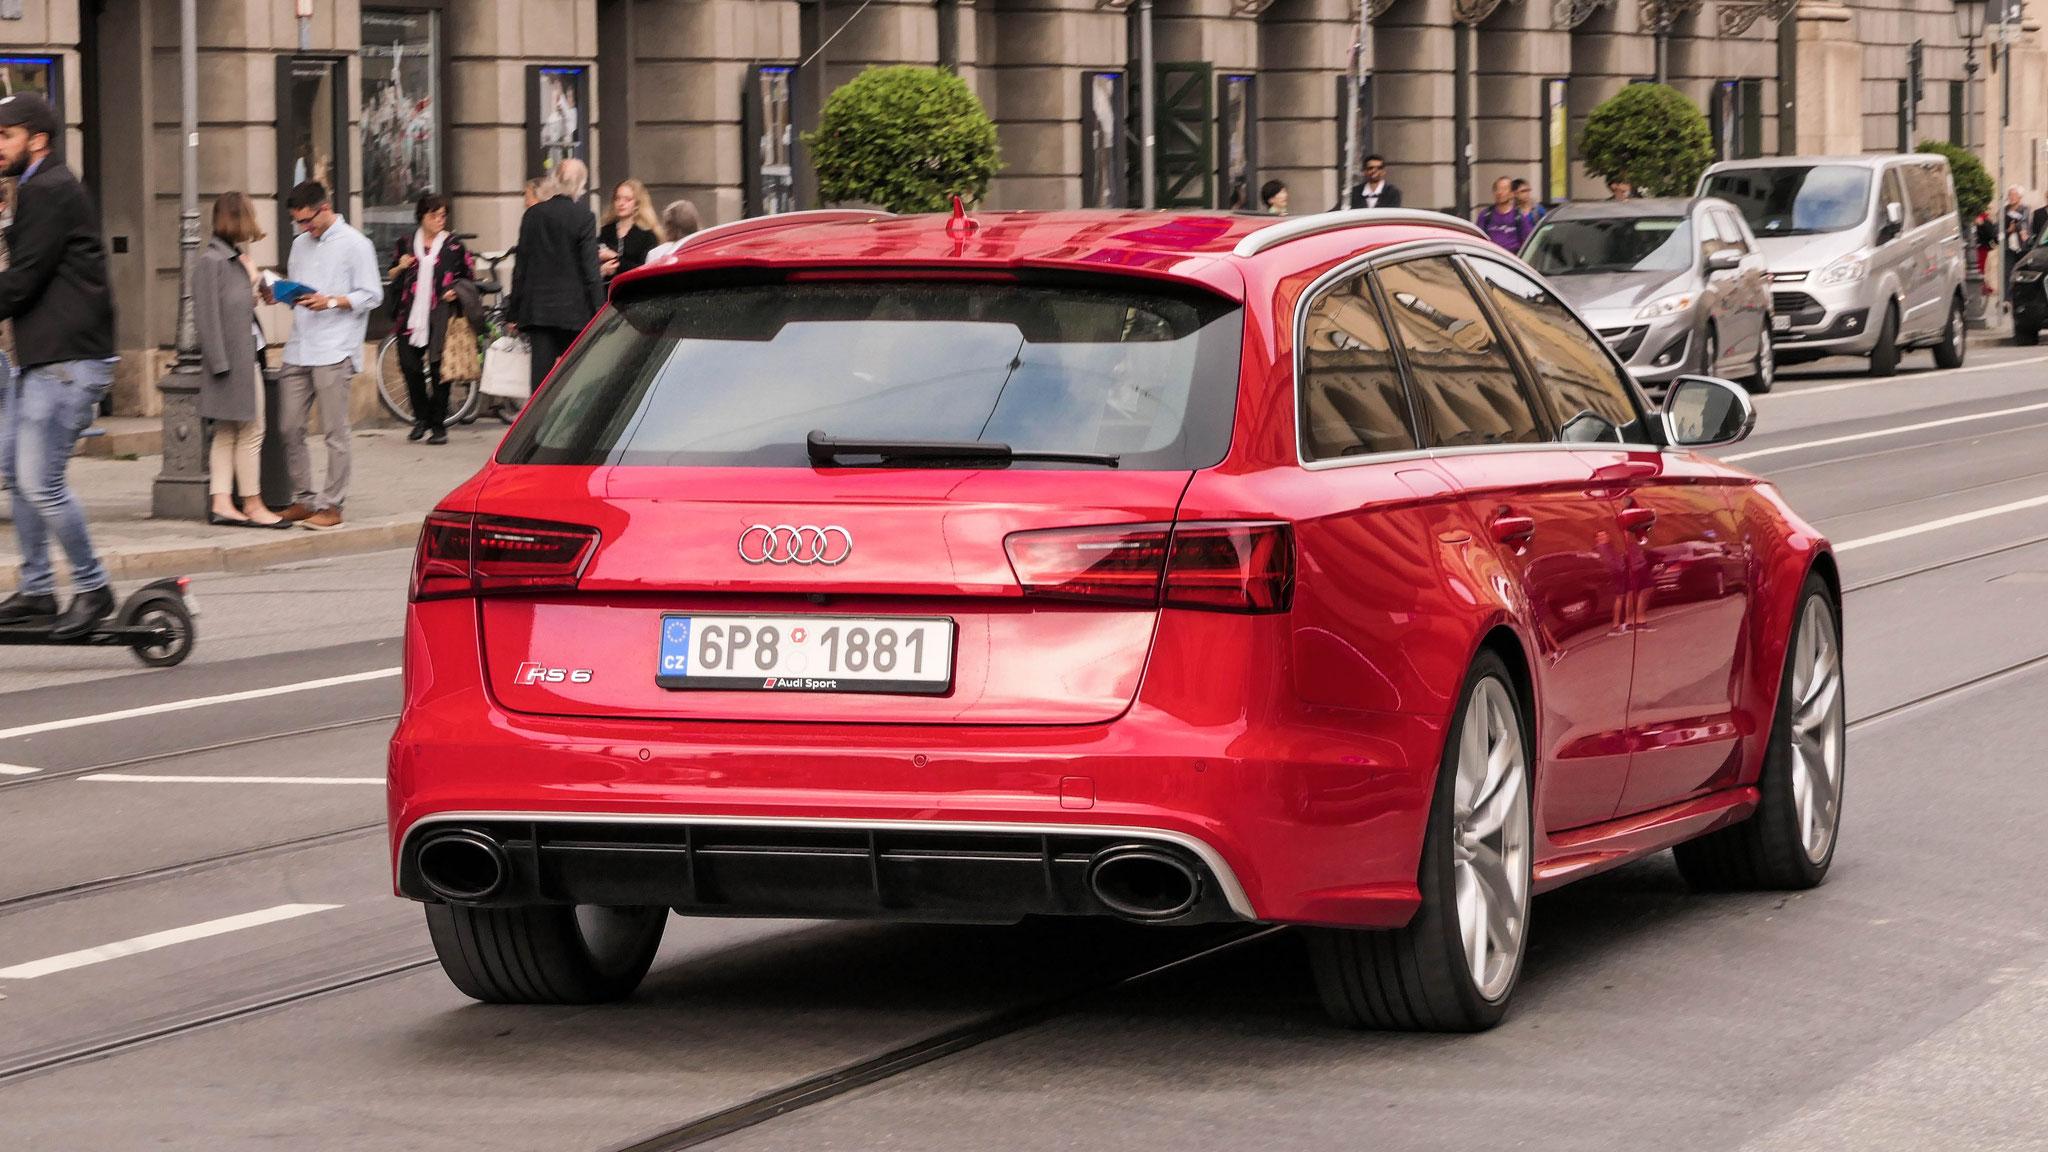 Audi RS6 - 6P8-1881 (CZ)